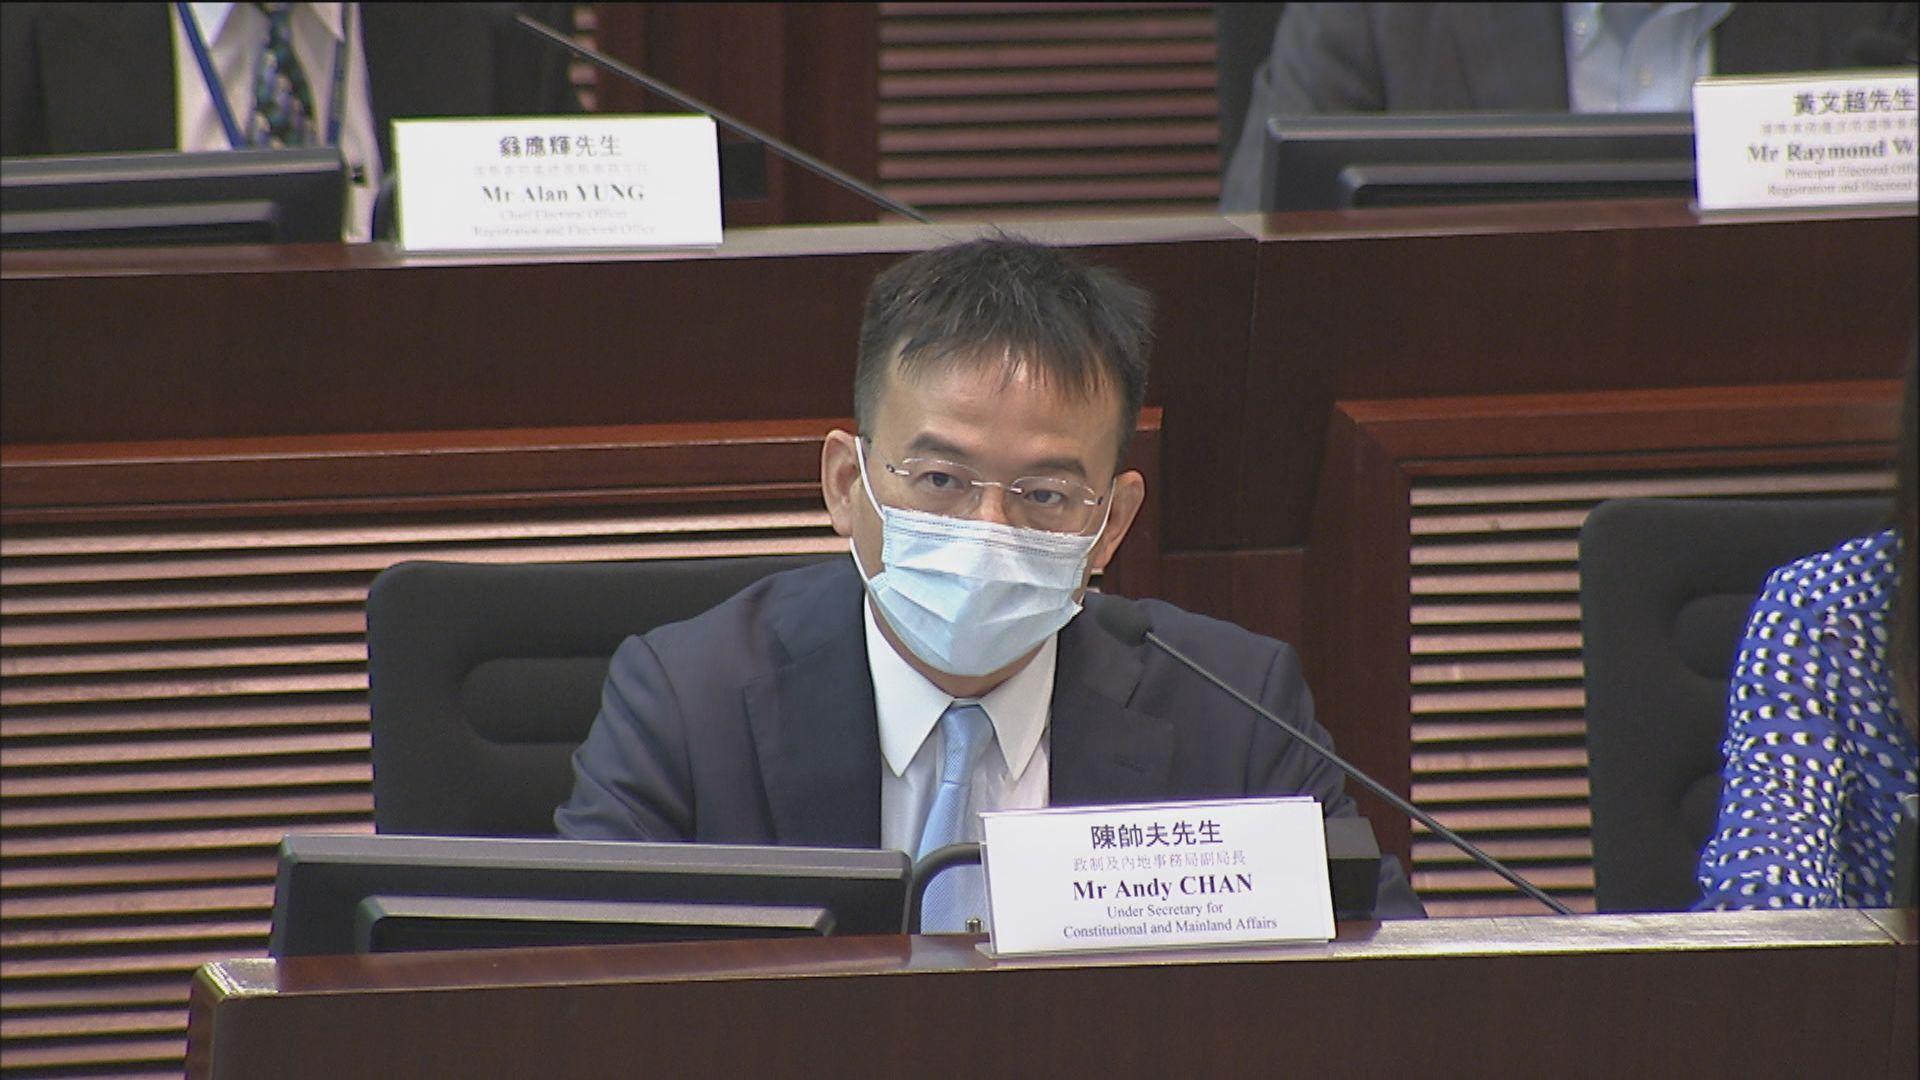 政制局副局長陳帥夫請辭 現正休假月底離任